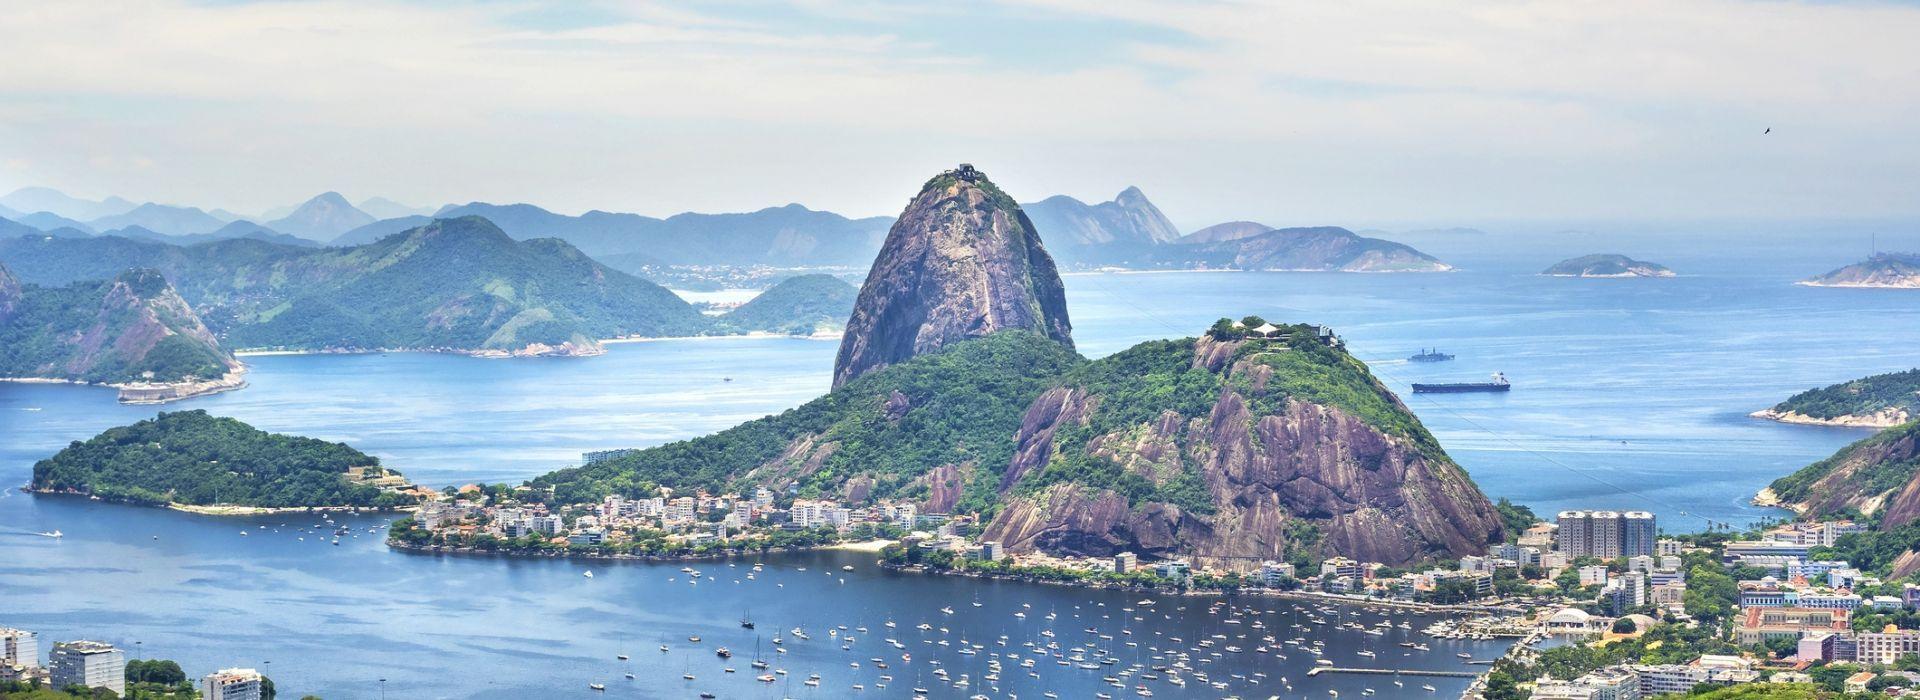 Explorer Tours in Rio de Janeiro